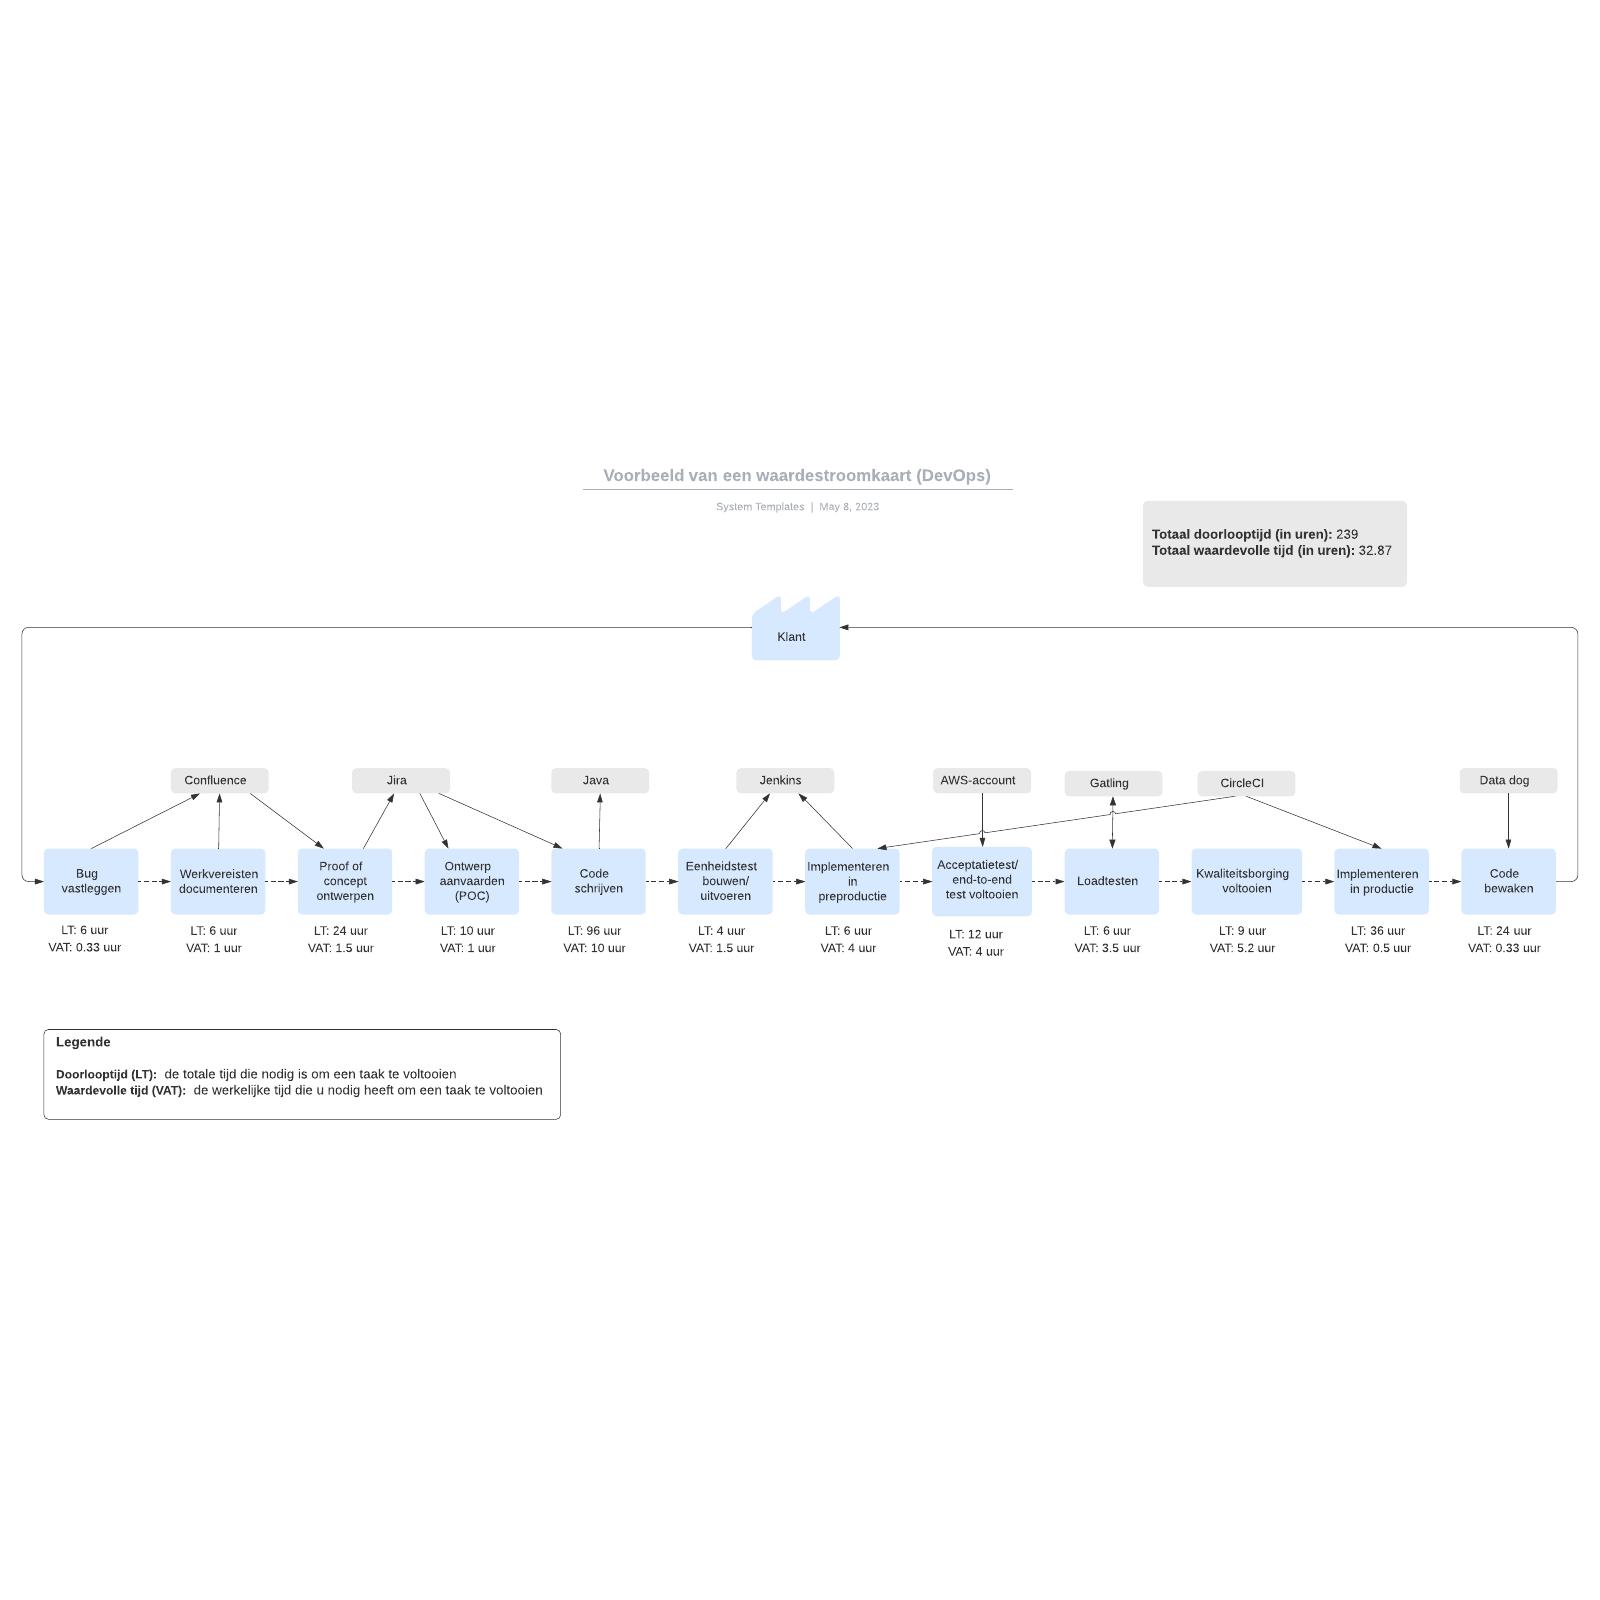 Voorbeeld van een waardestroomkaart (DevOps)